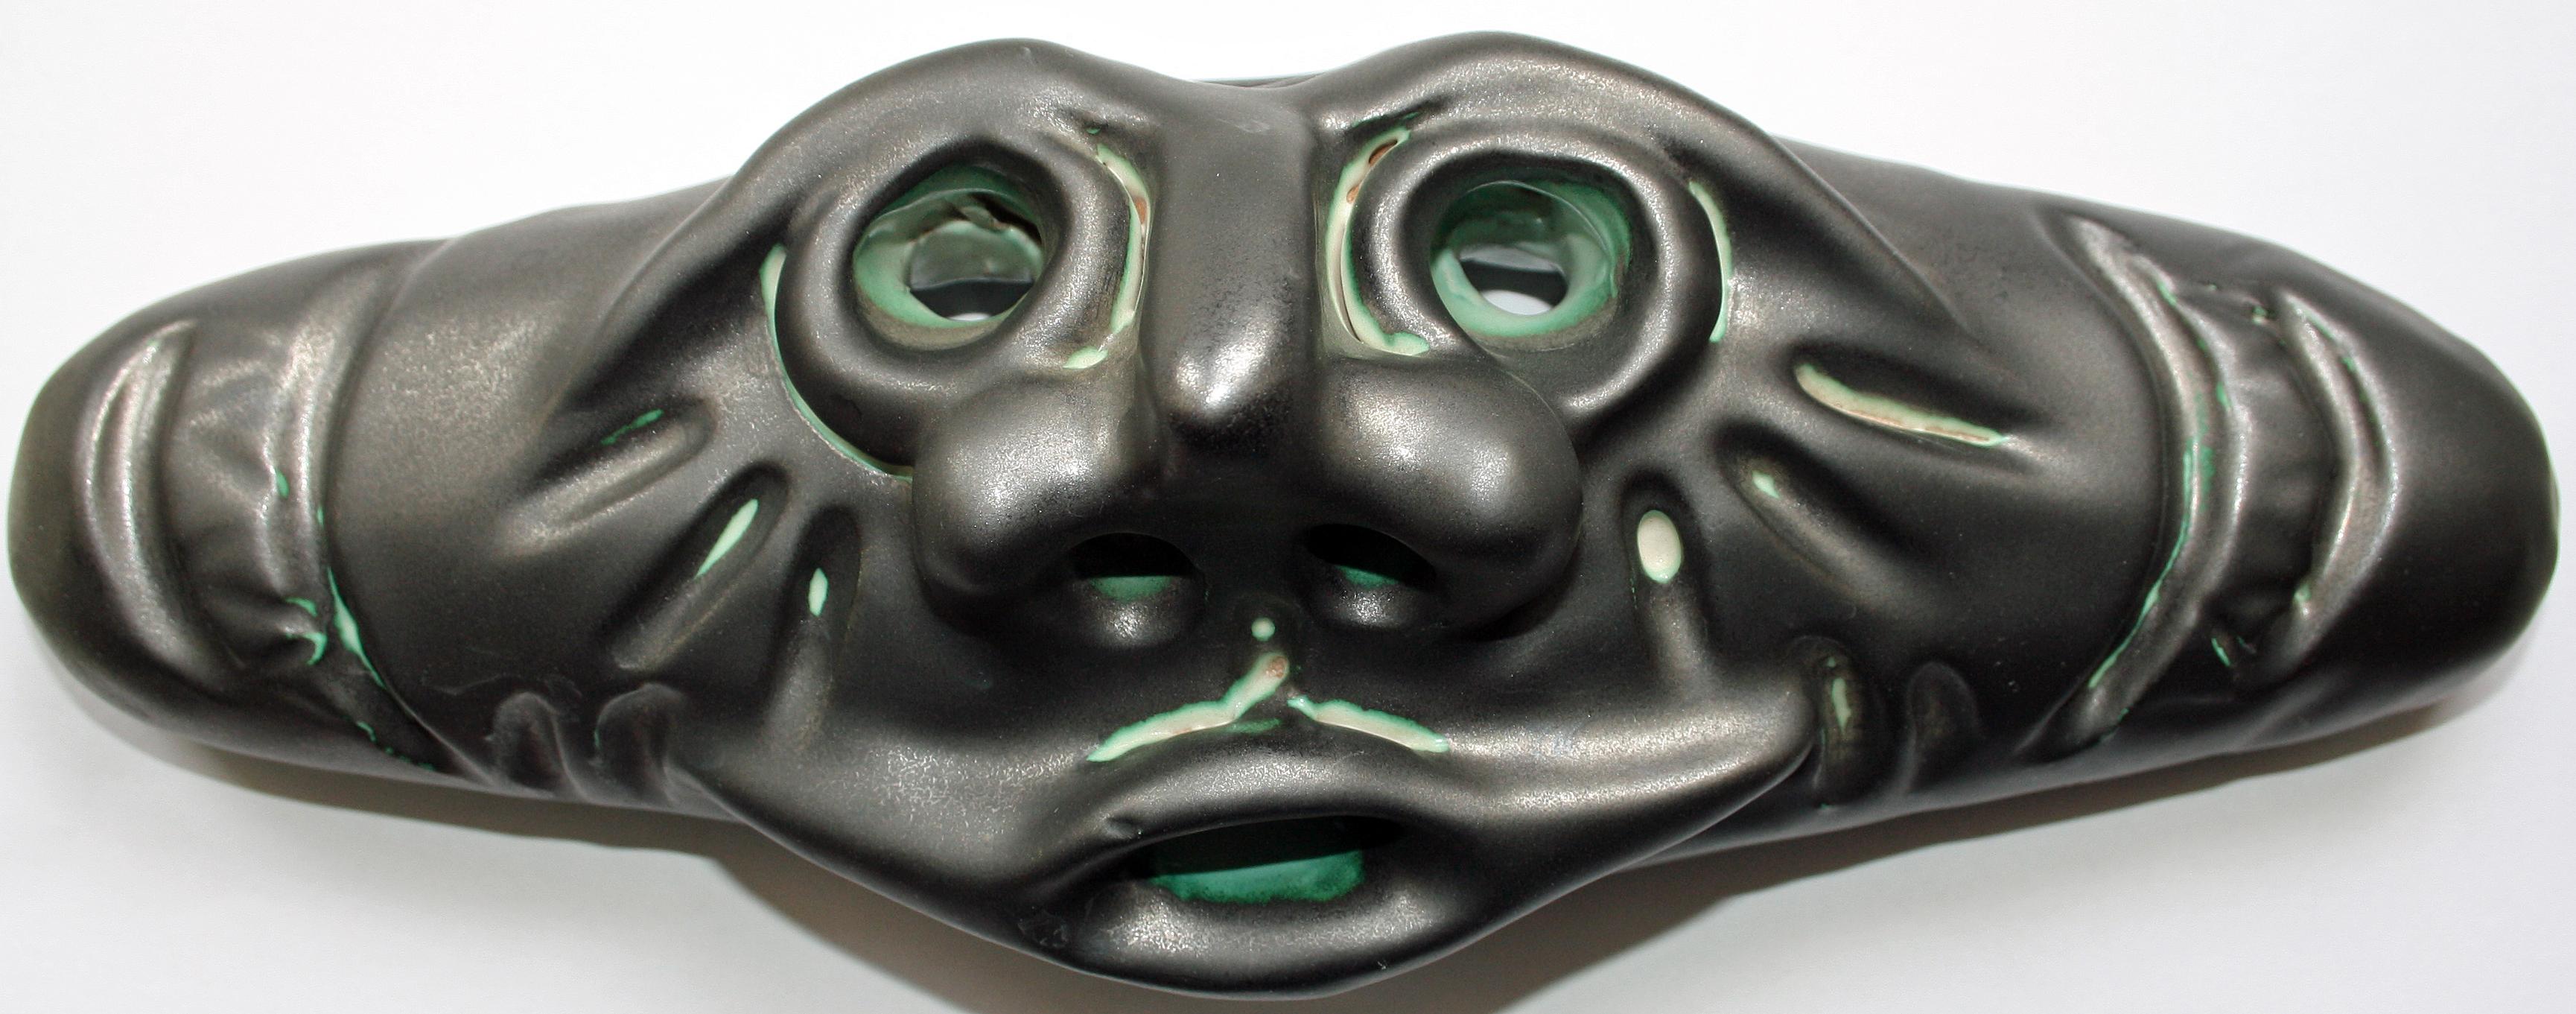 Maschera (Mask), 2005 ceramica artistica (ceramic art), Pio Mastrogiacomo, Acerno (SA).